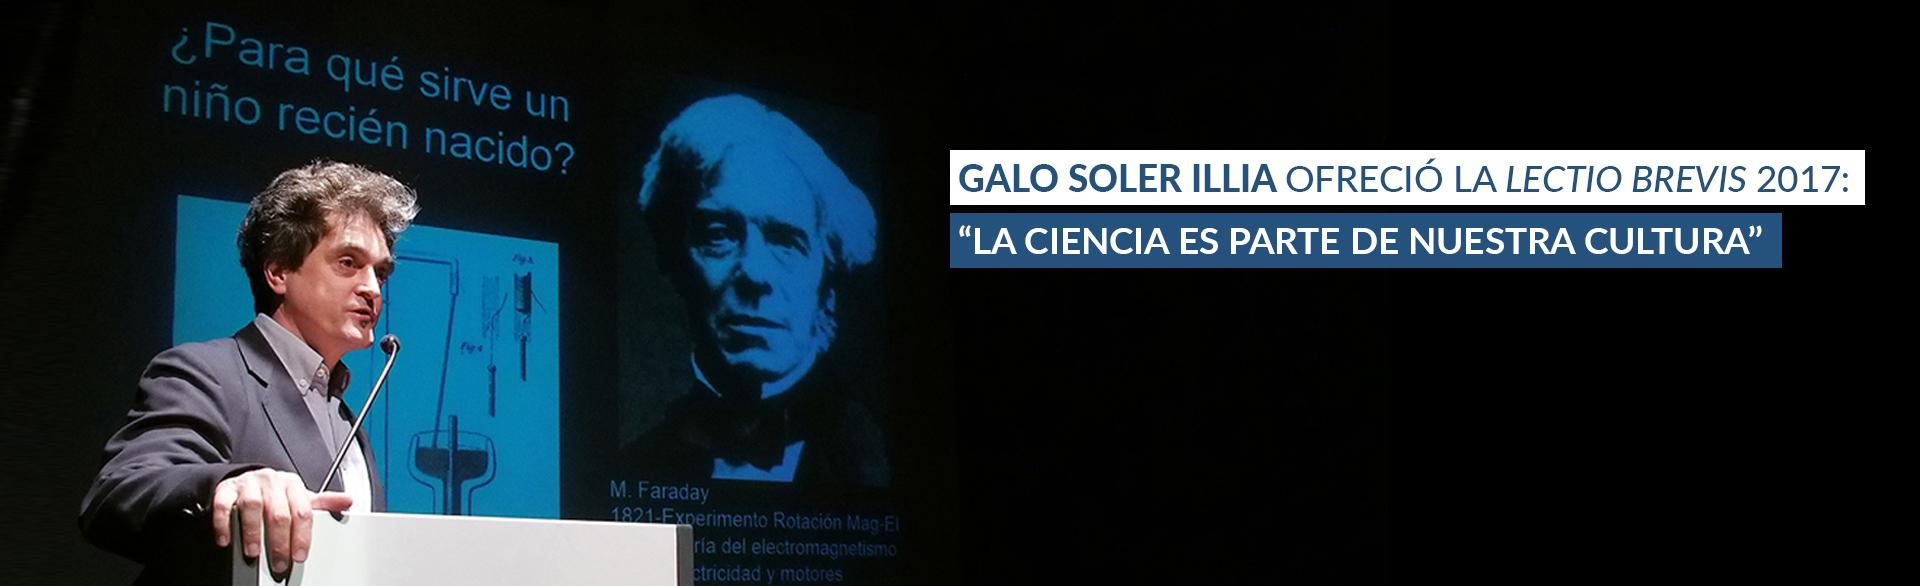 Galo Soler Illia ofreció la lectio brevis 2017